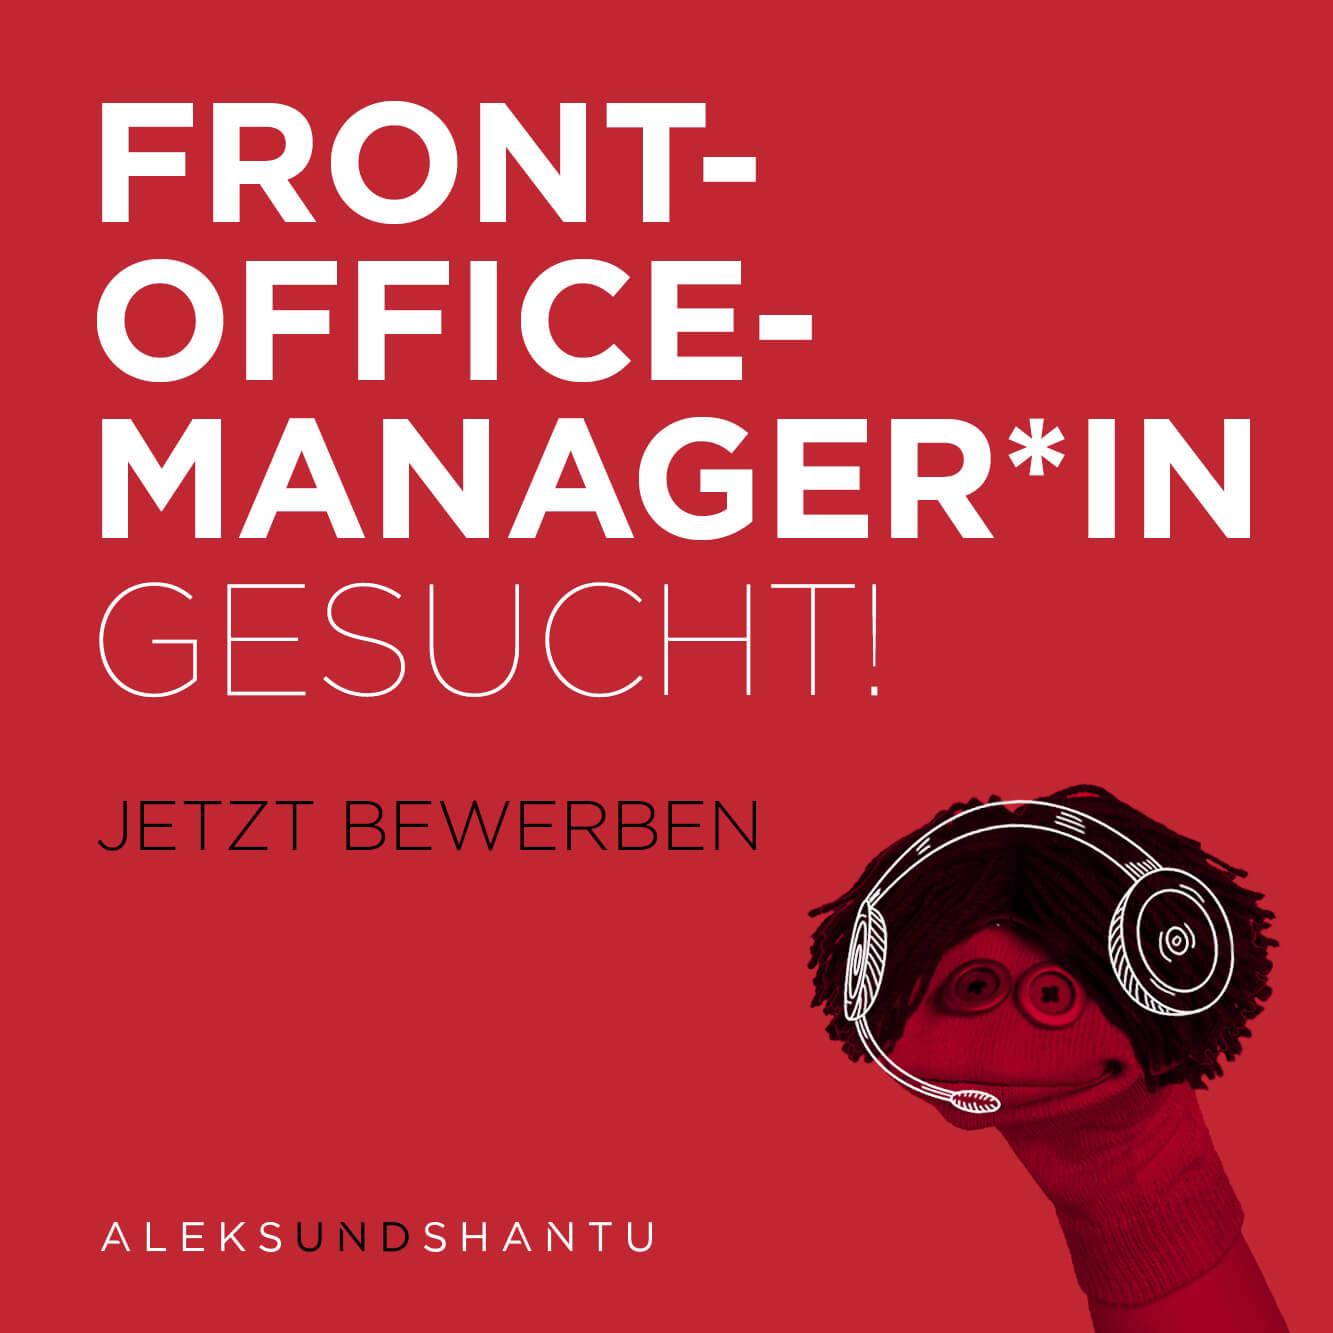 Front-Office-Manager*in gesucht! Jetzt bewerben ALEKSUNDSHANTU